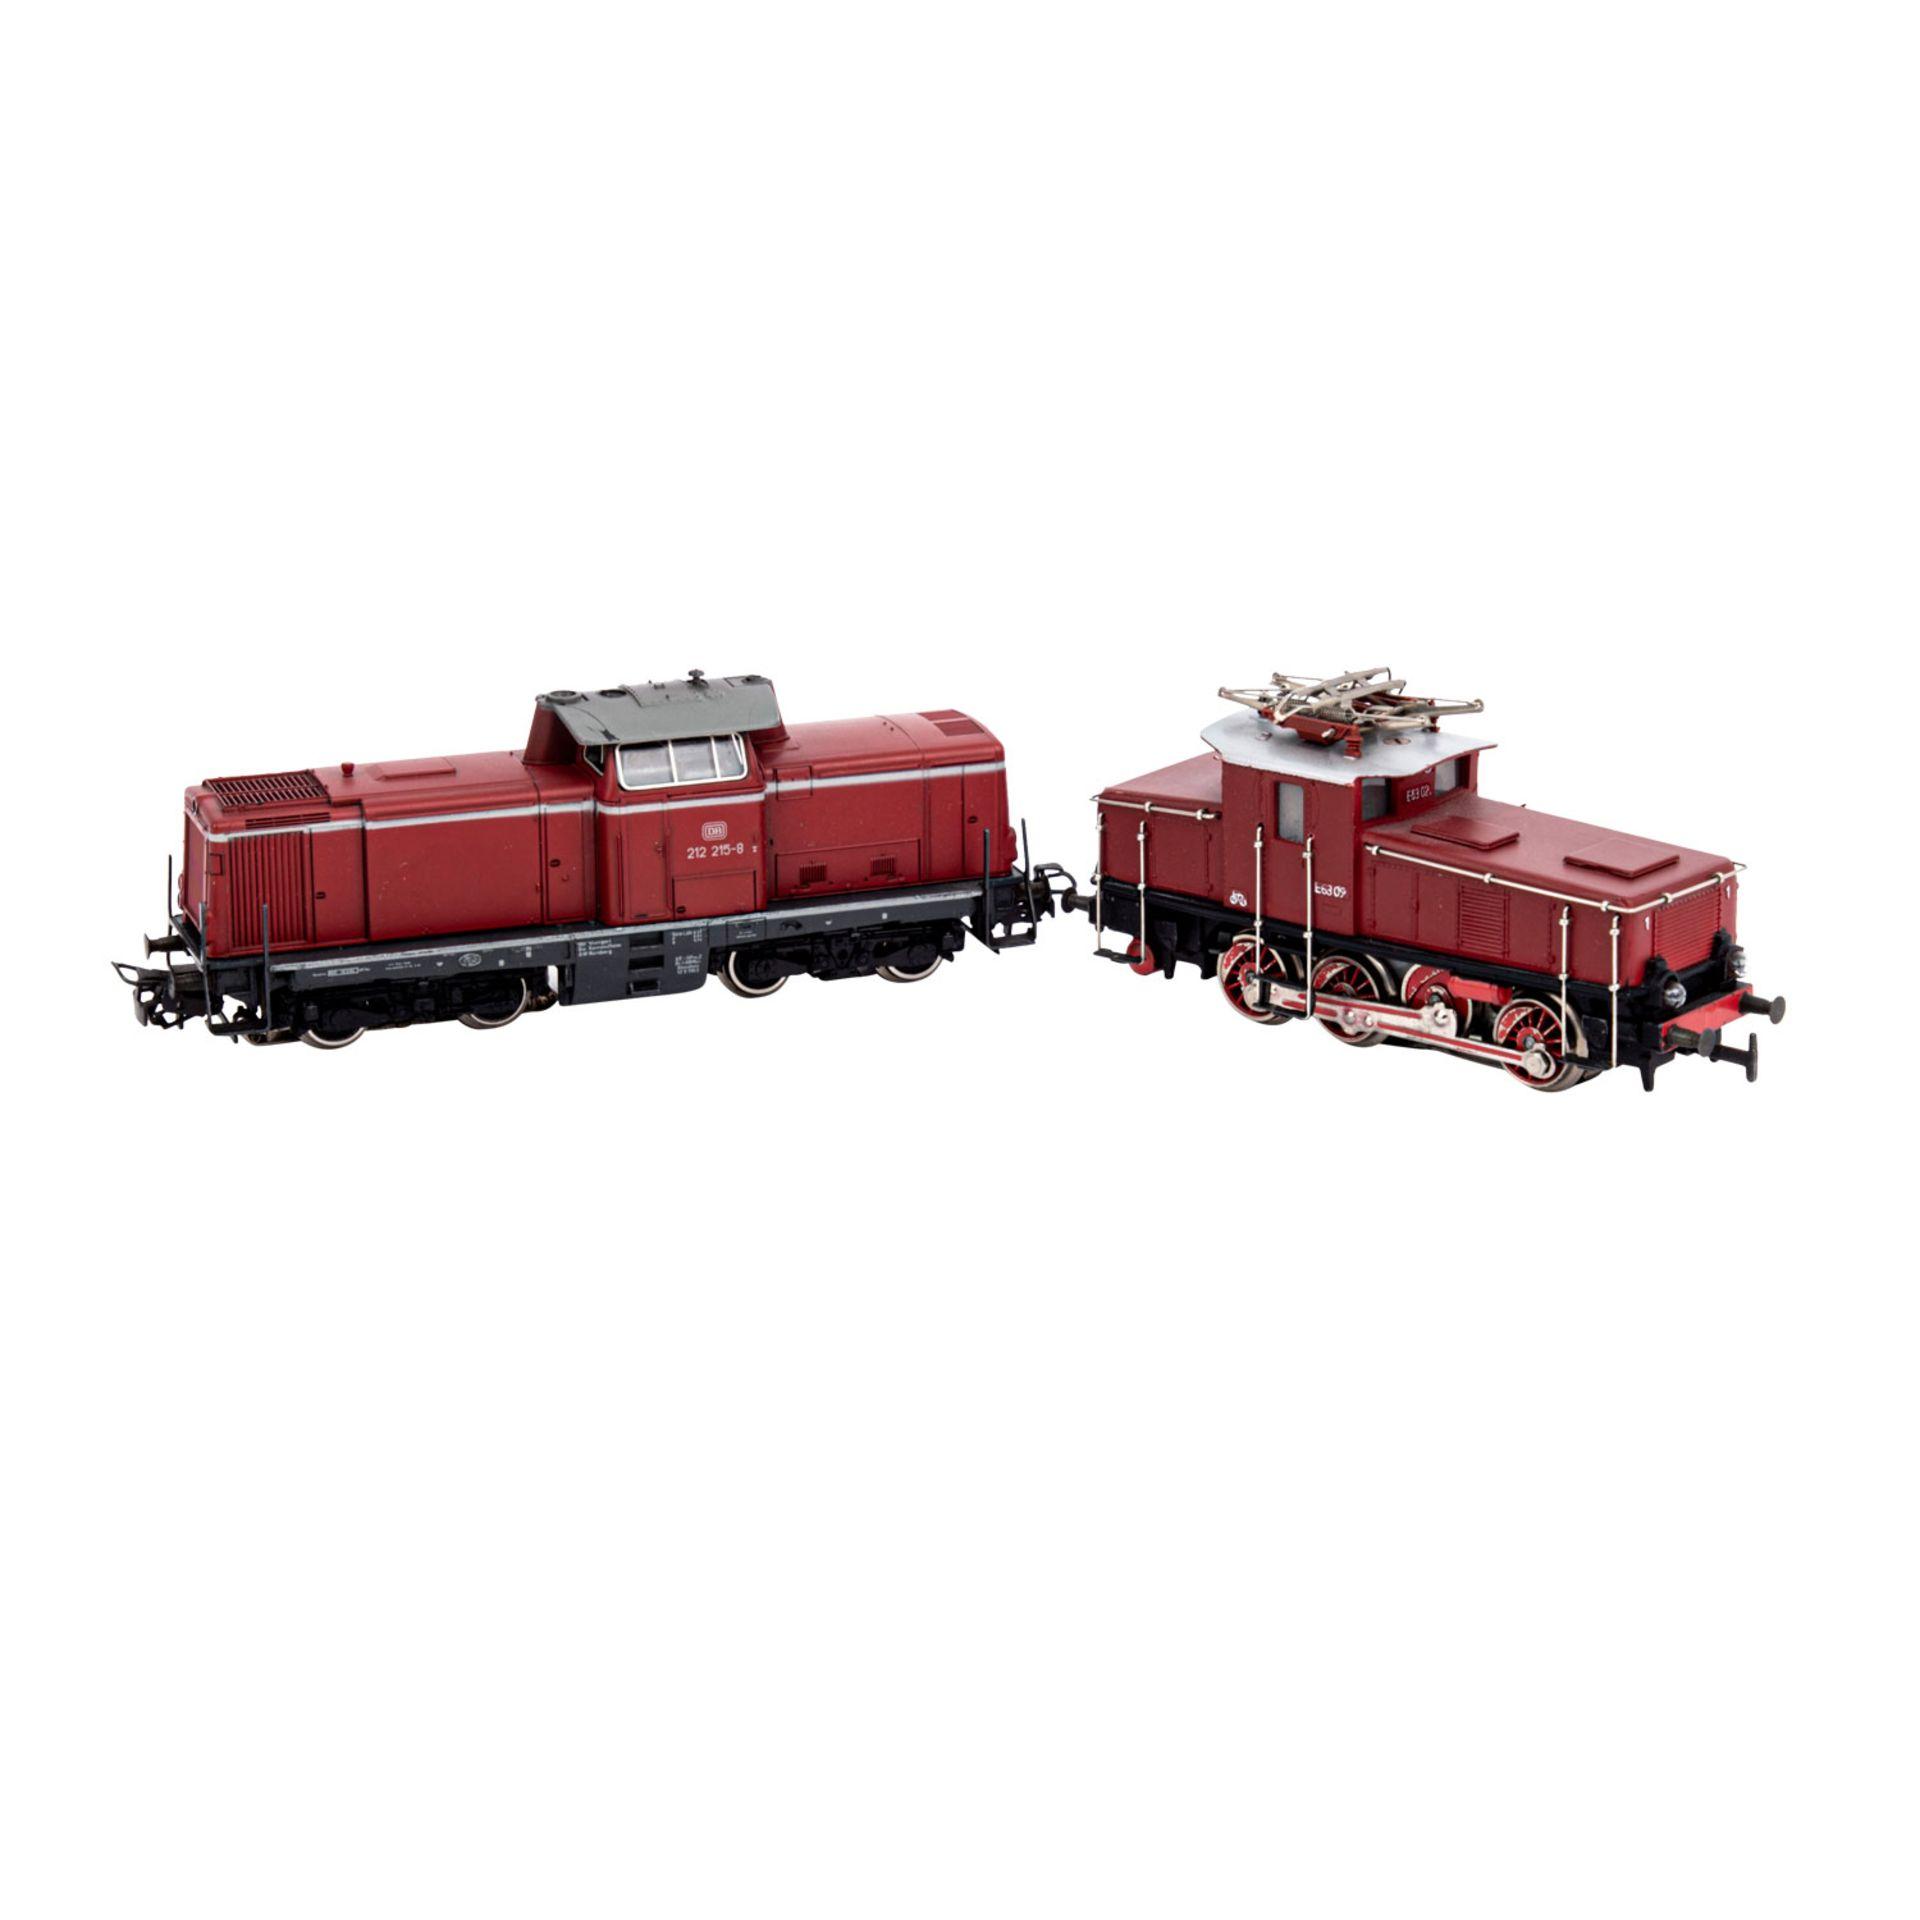 MÄRKLIN Konvolut zweier Lokomotiven und Wagensets, Spur H0,bestehend aus weinroter Di - Image 2 of 3